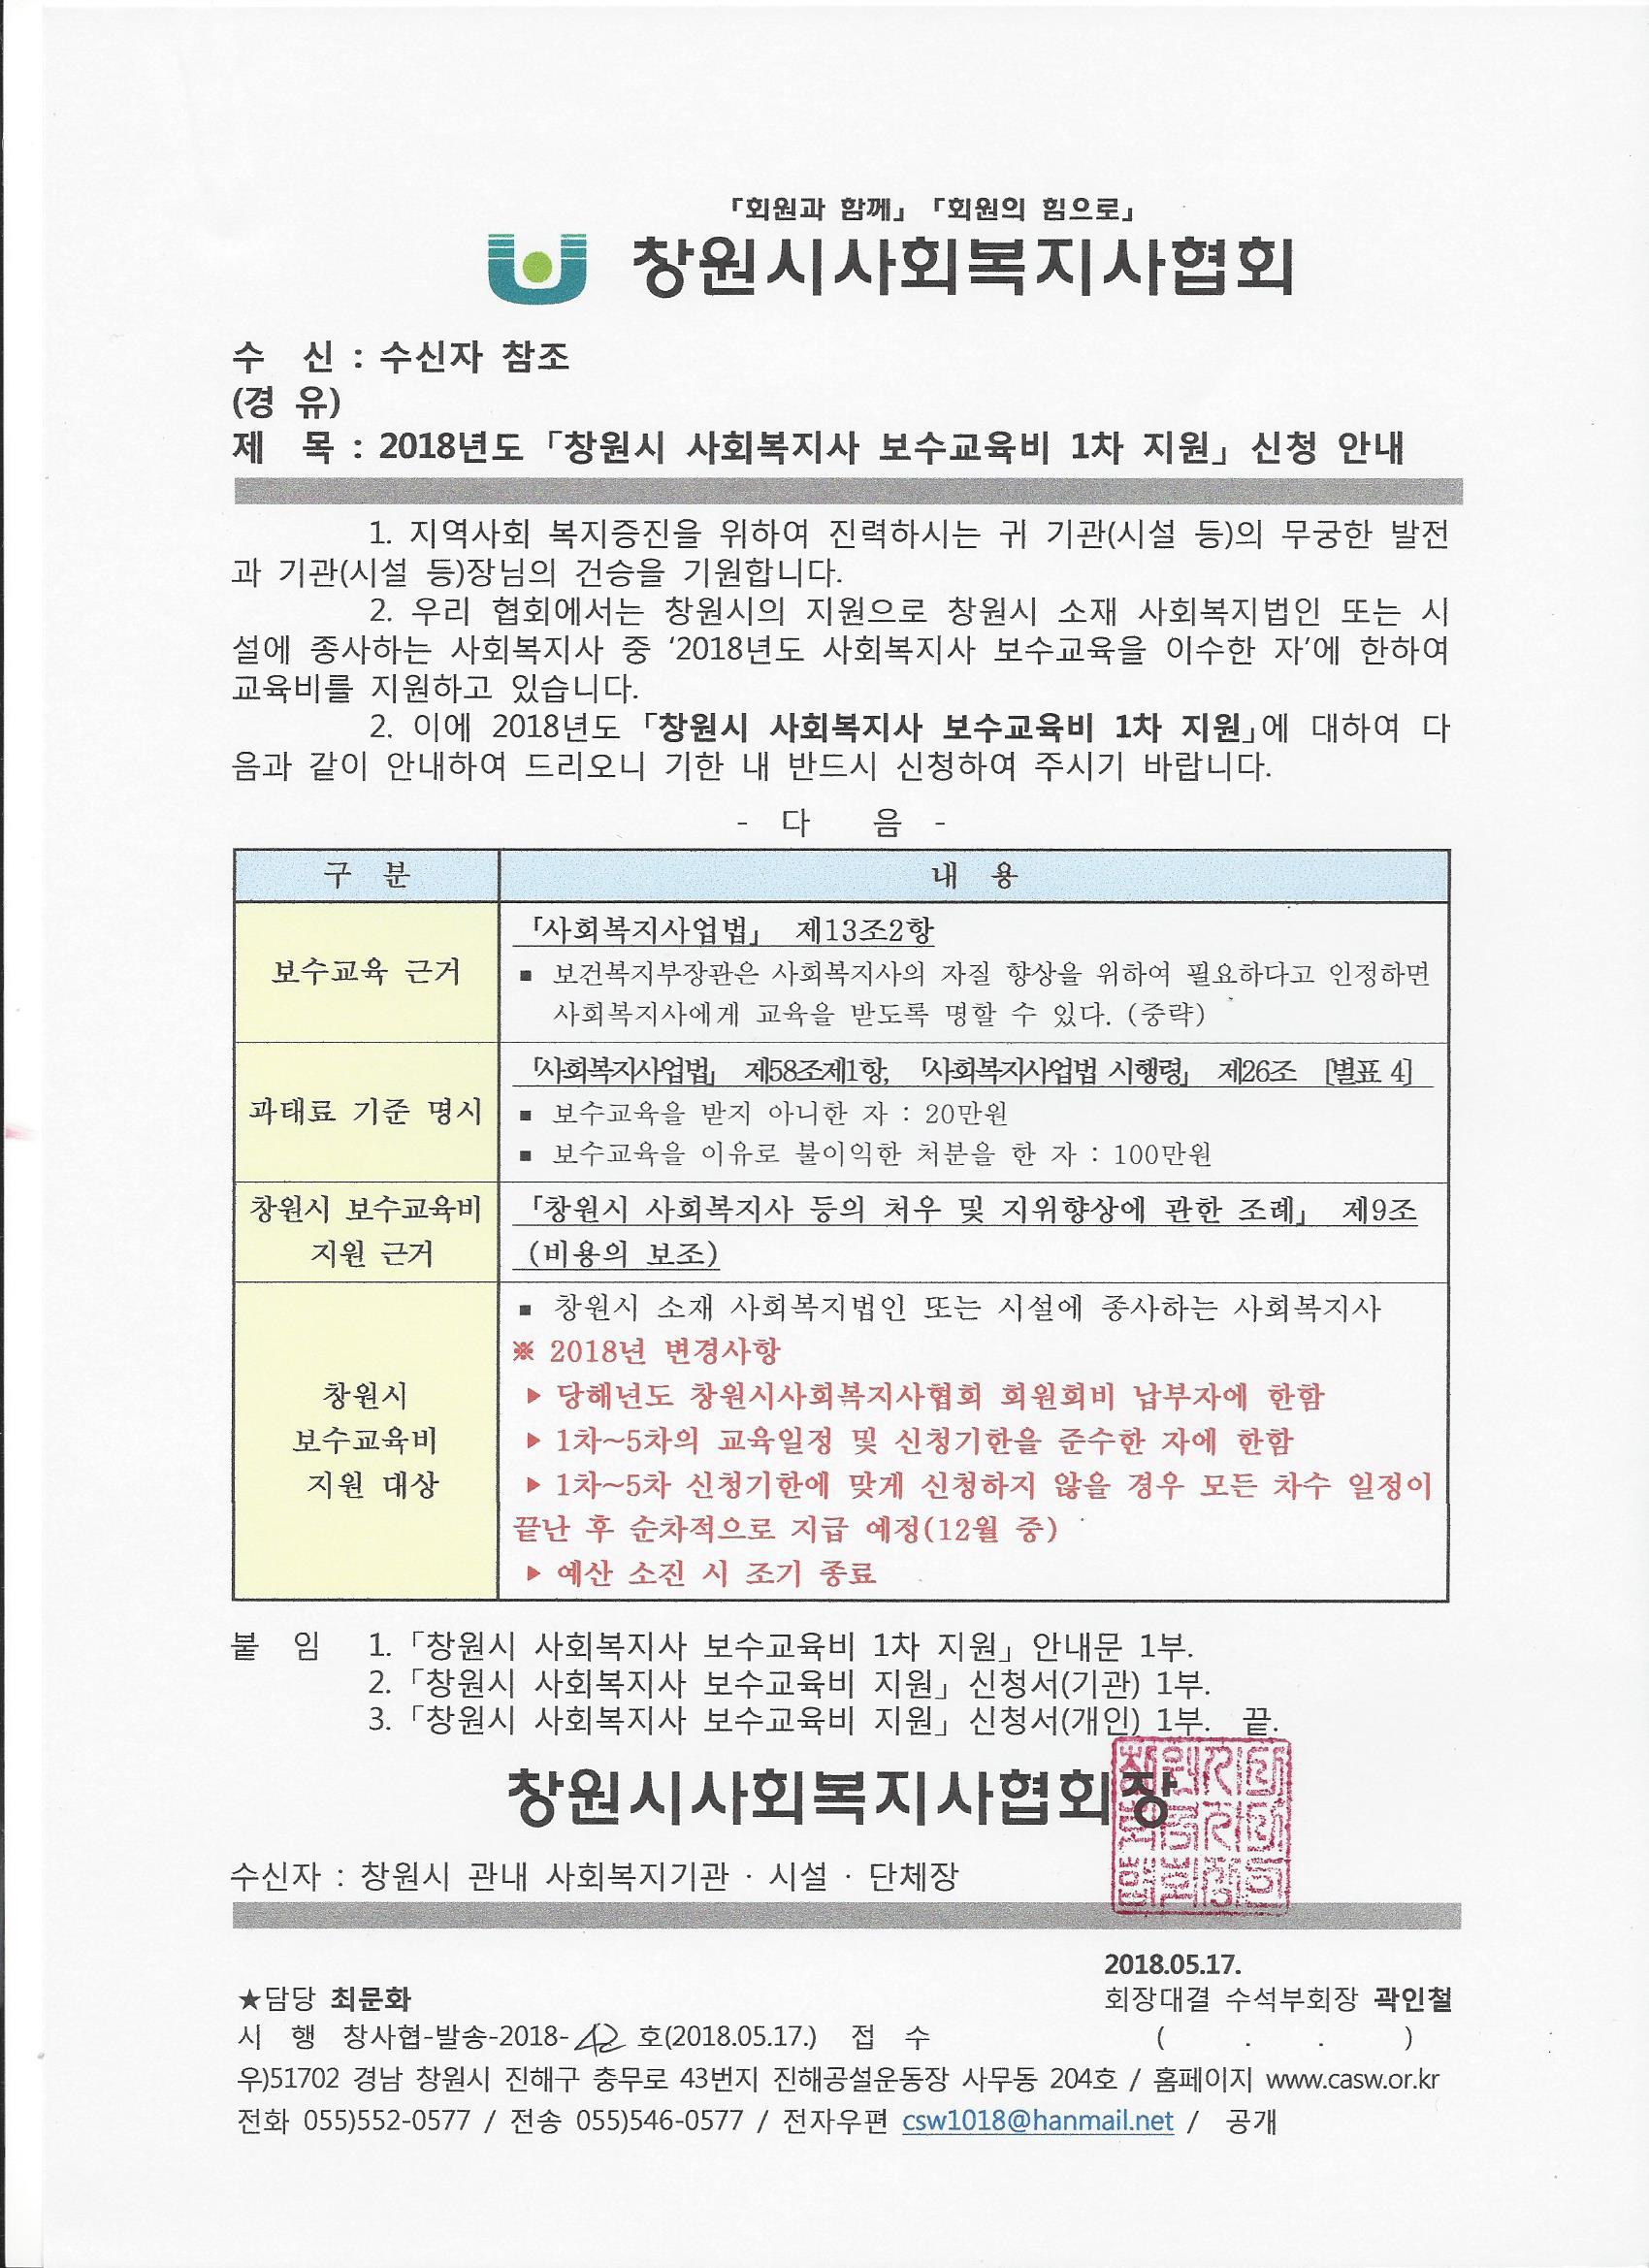 2018년도 창원시 사회복지사 보수교육비 1차 지원 신청 안내.jpg